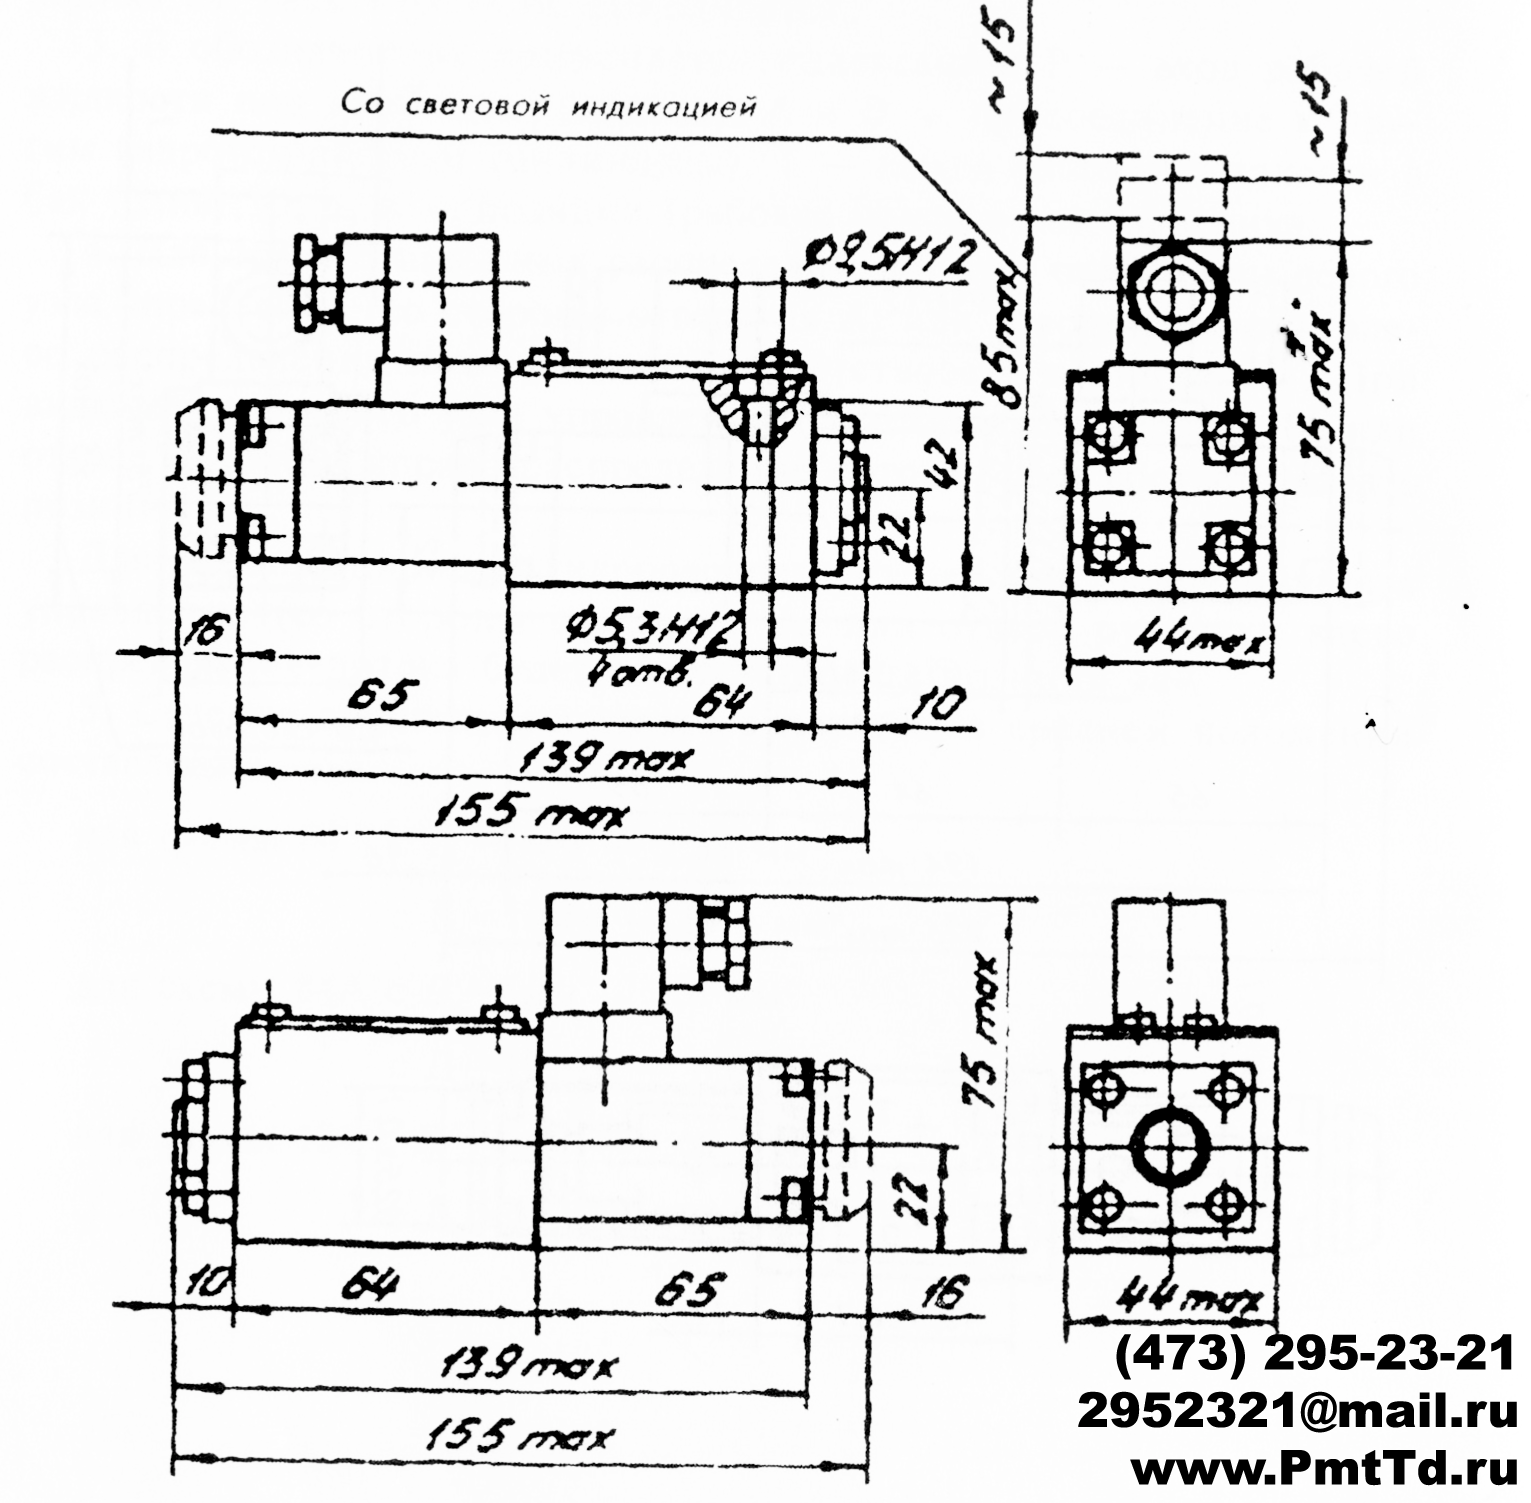 Габаритные и присоединительные размеры гидрораспределителя с электромагнитным управлением 1РЕ6 ду6